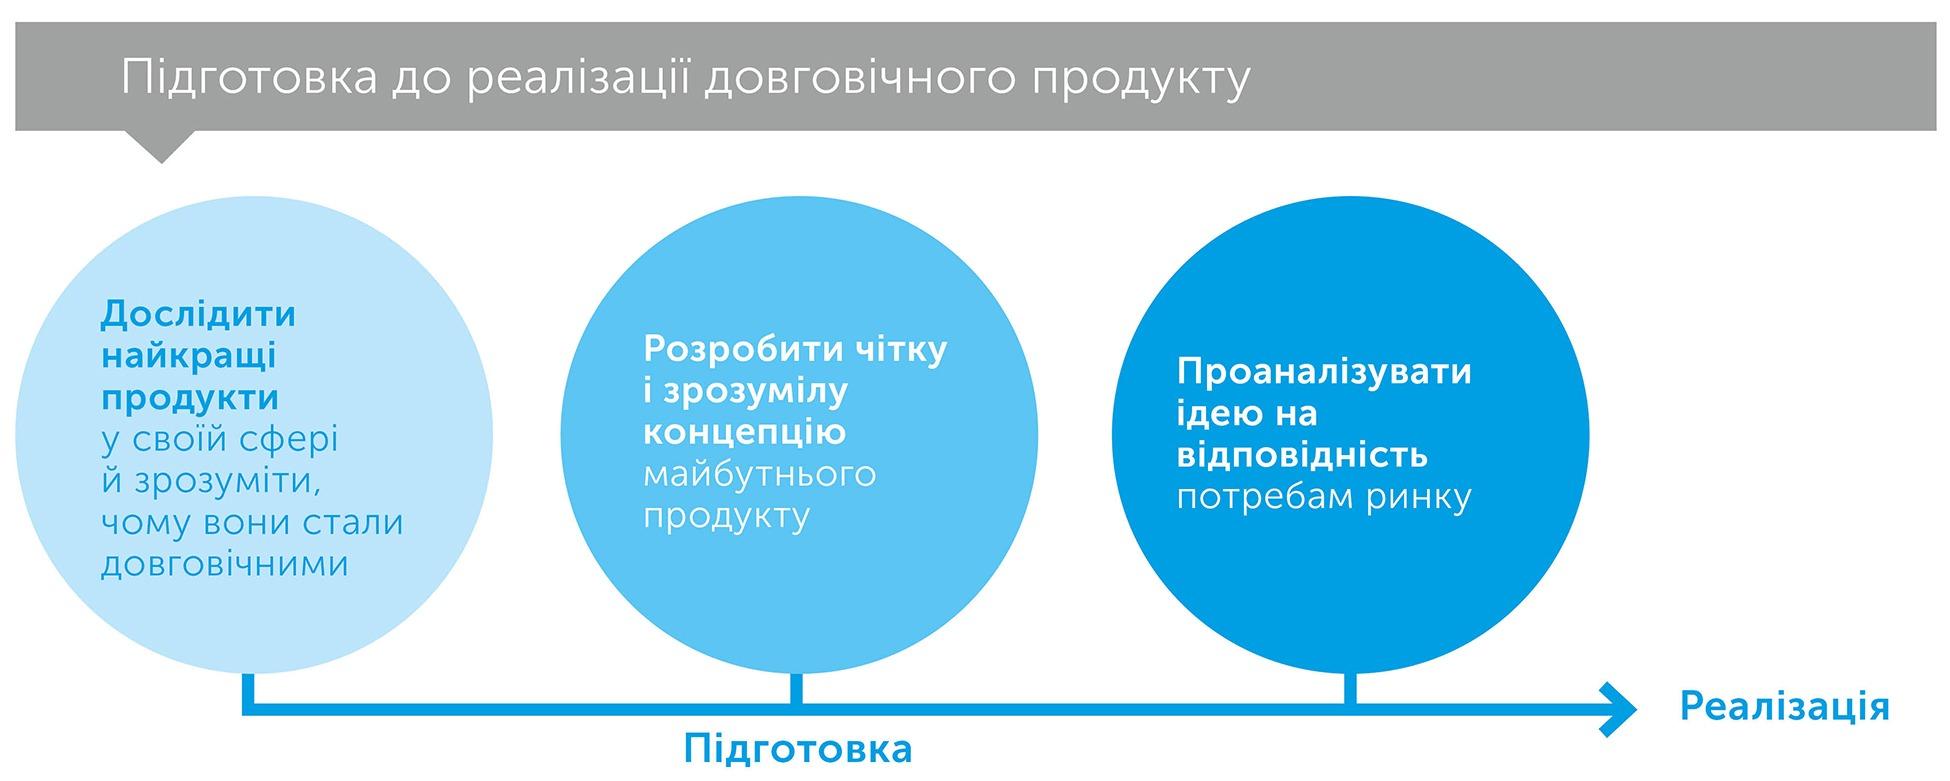 Довговічні, автор Райан Холідей | Kyivstar Business Hub, зображення №5